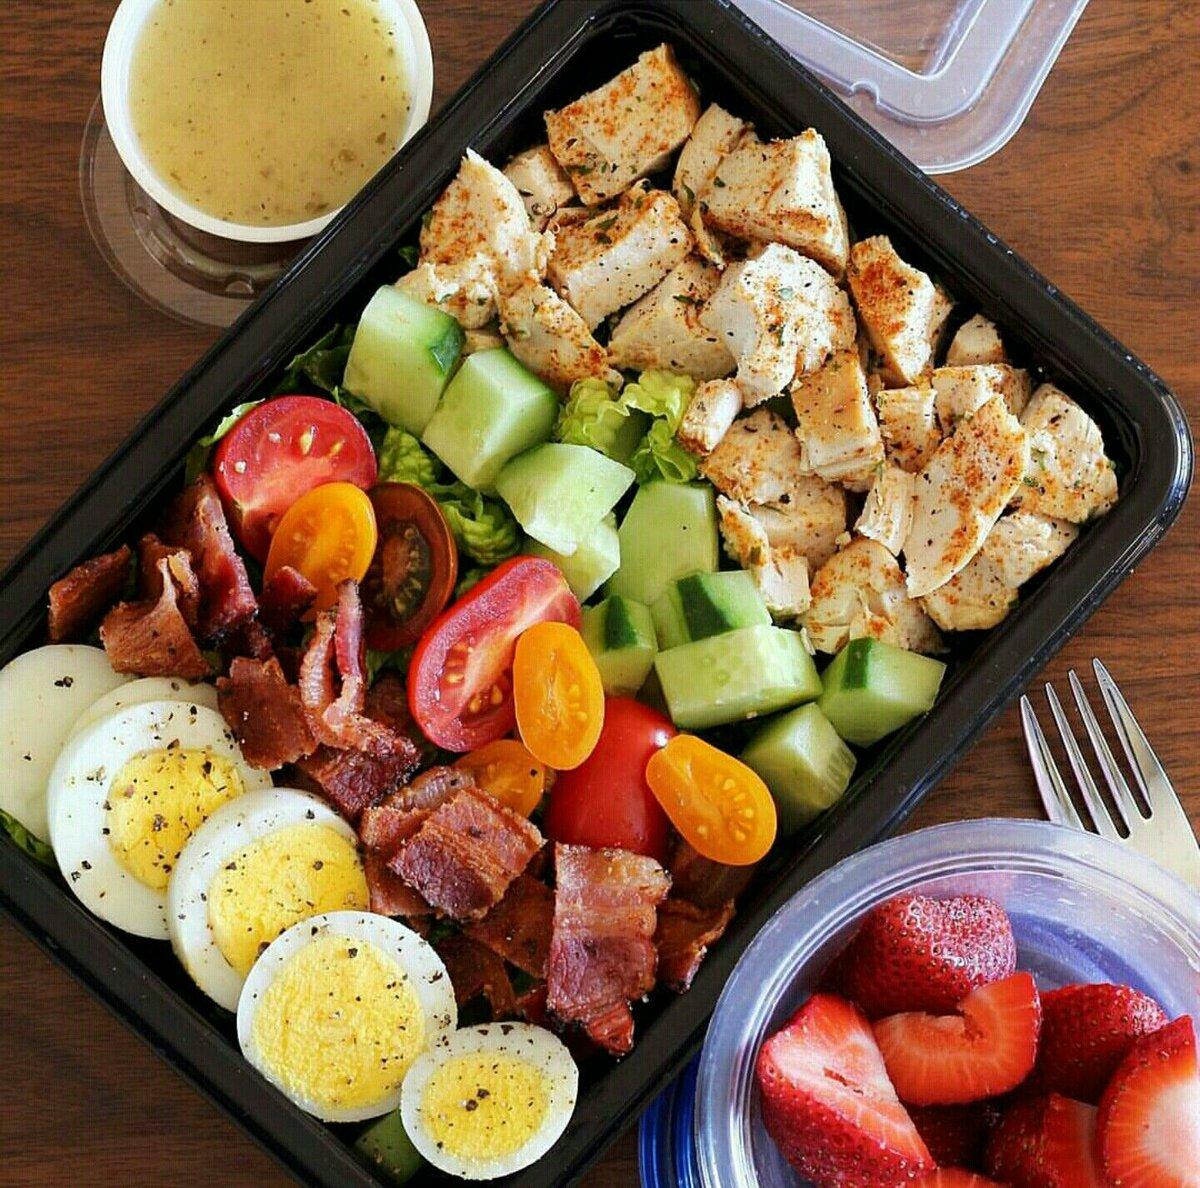 обед для всей семьи рецепты с фото марьяна иванагй ютуберы